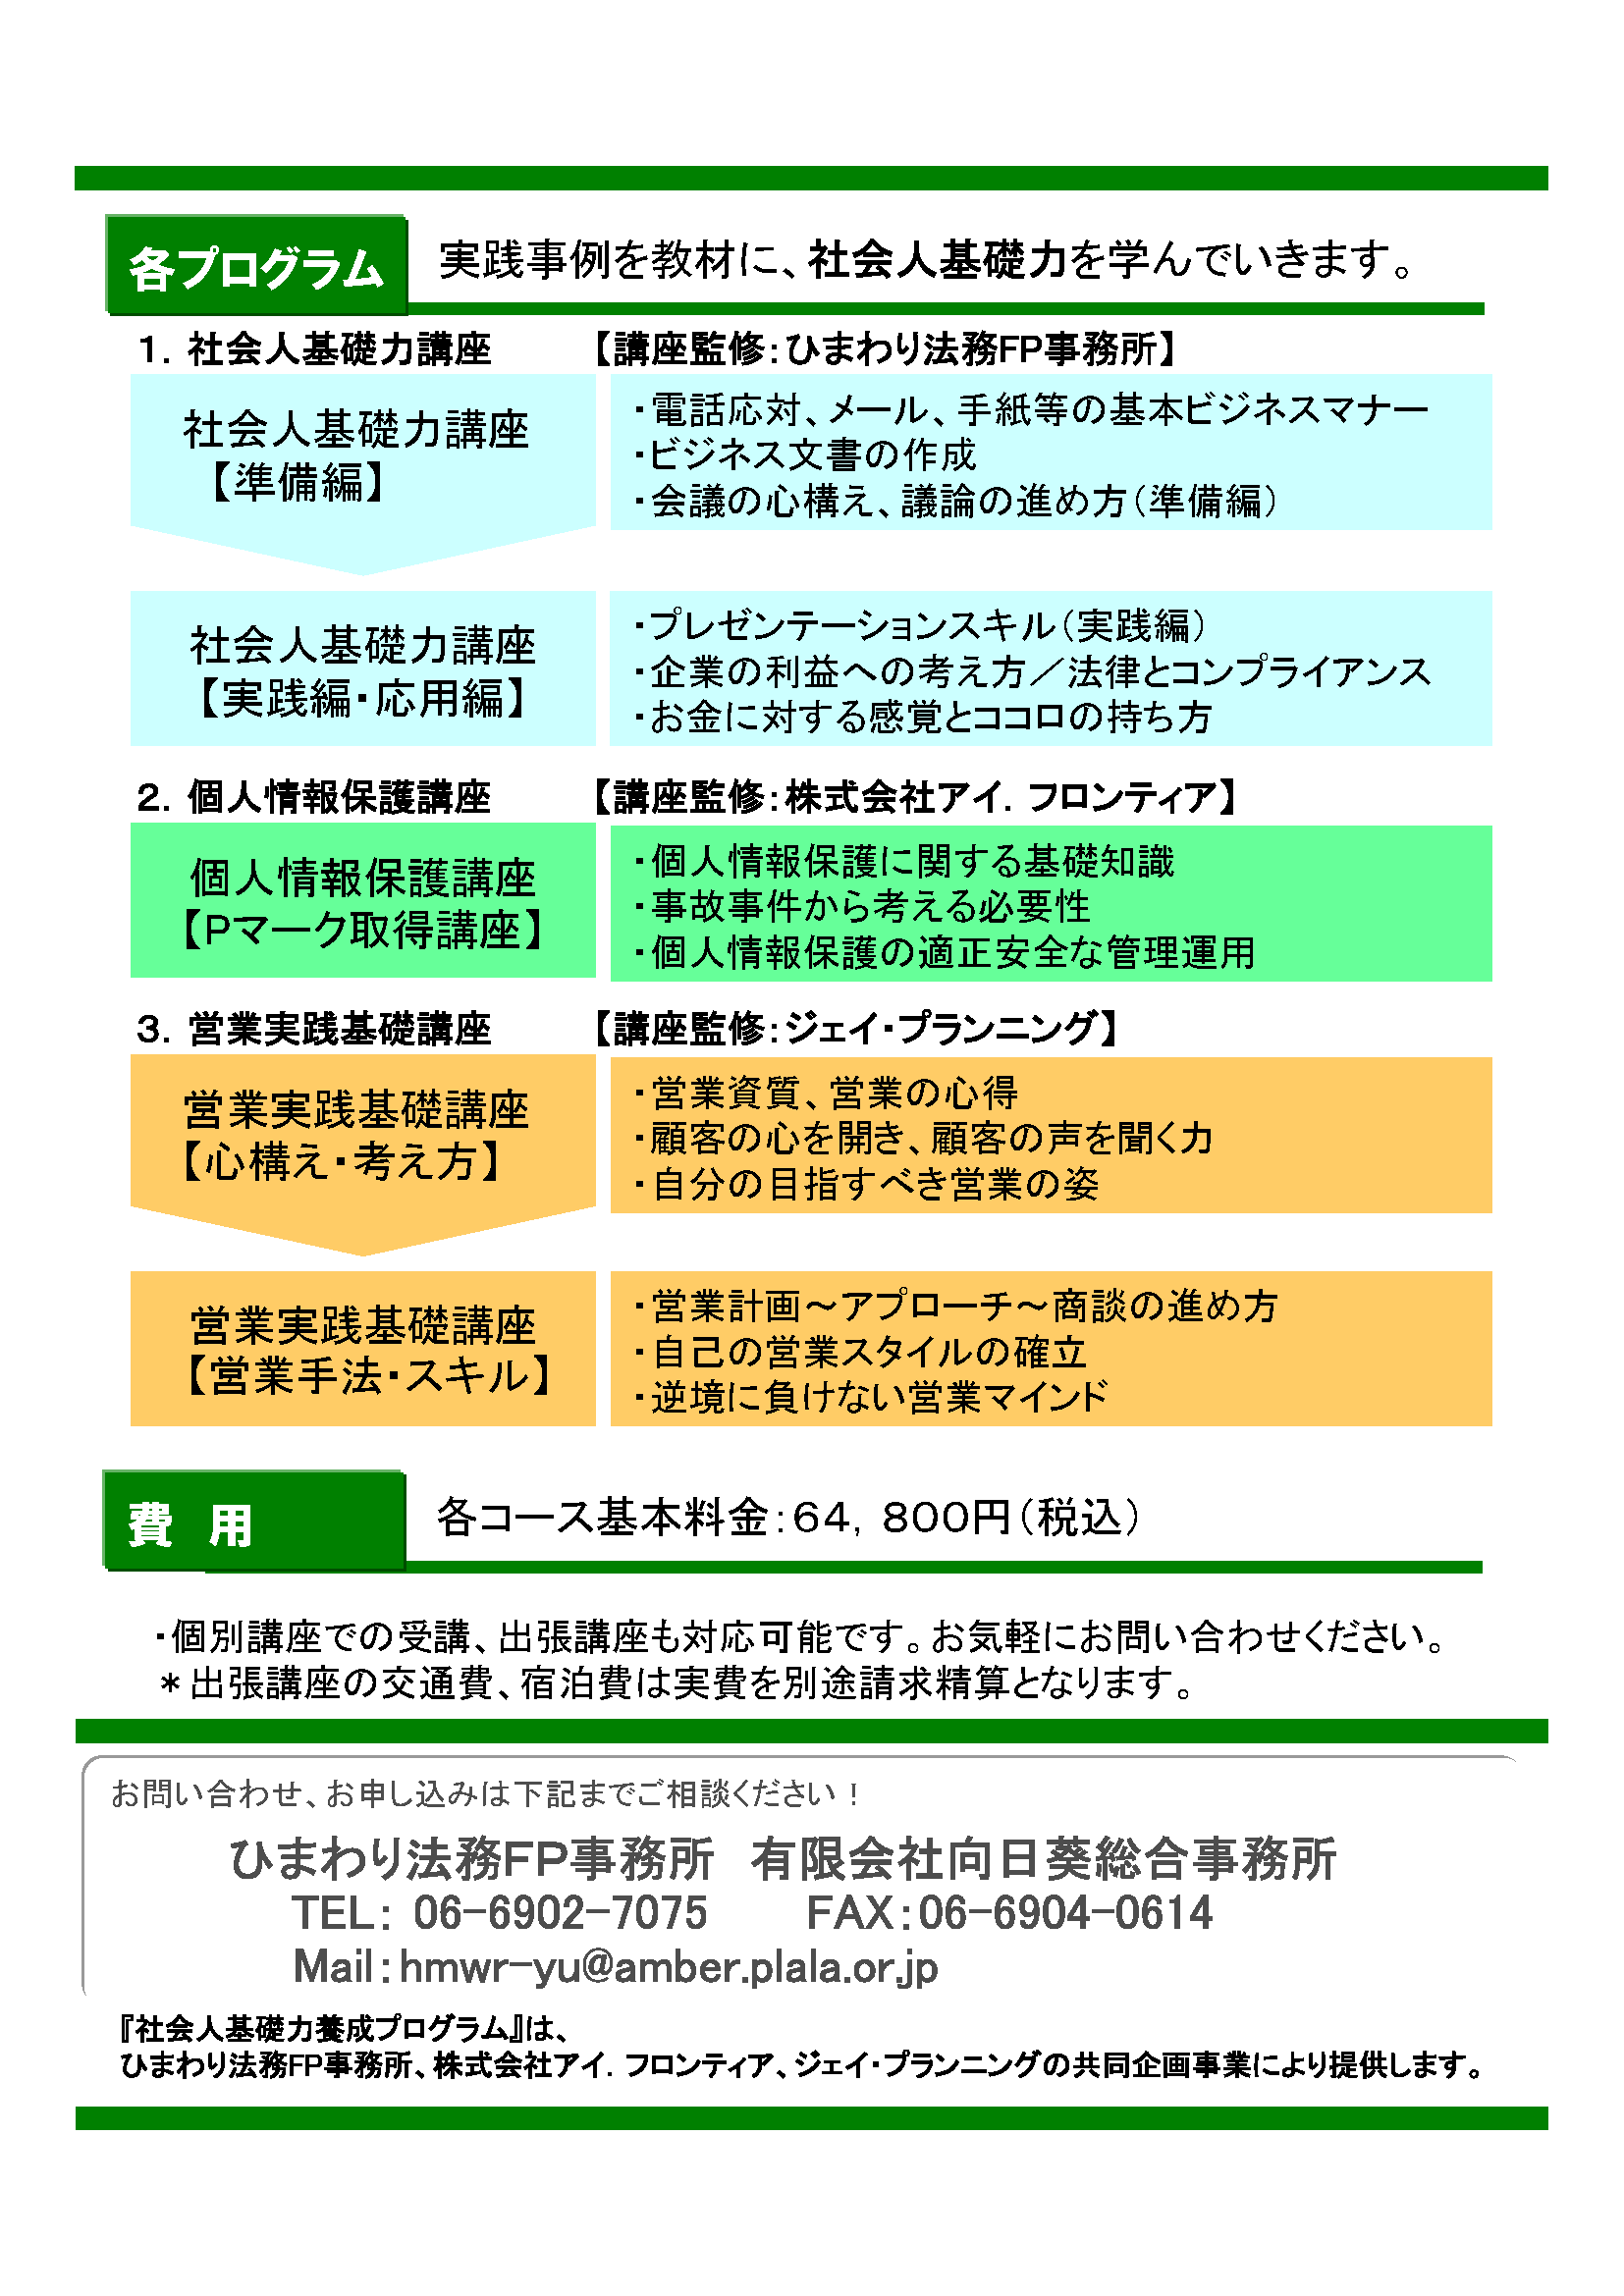 新人研修パンフIF JP ひまわり 26年_ページ_2.png